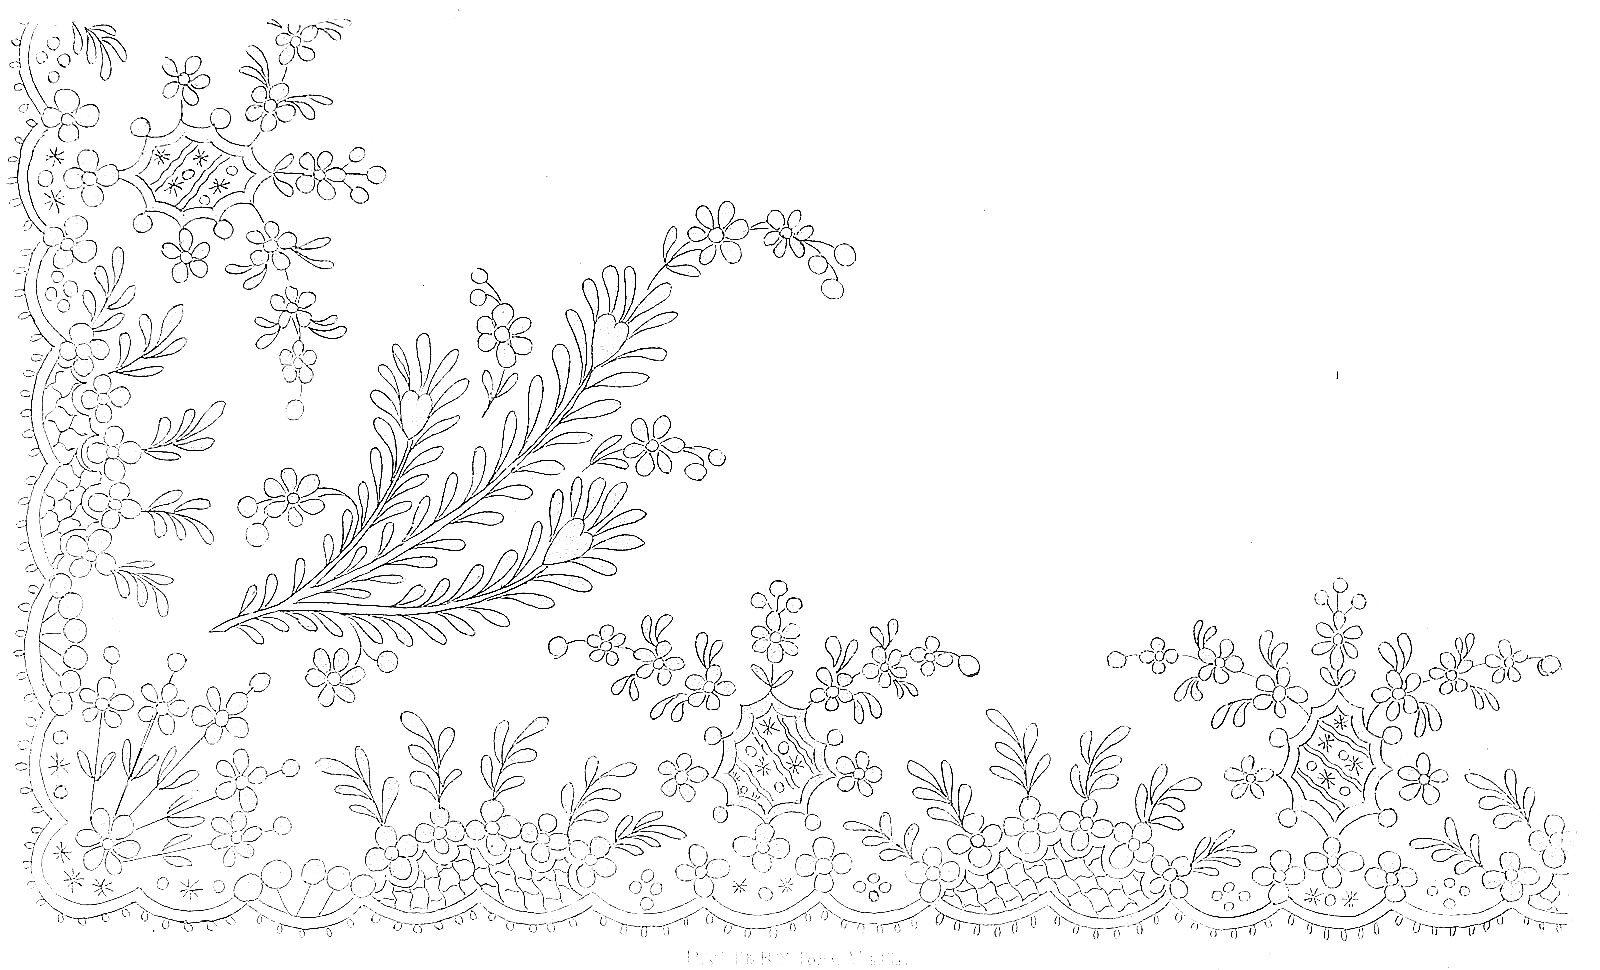 1812 Regency Needlework Pattern 7 July 1812